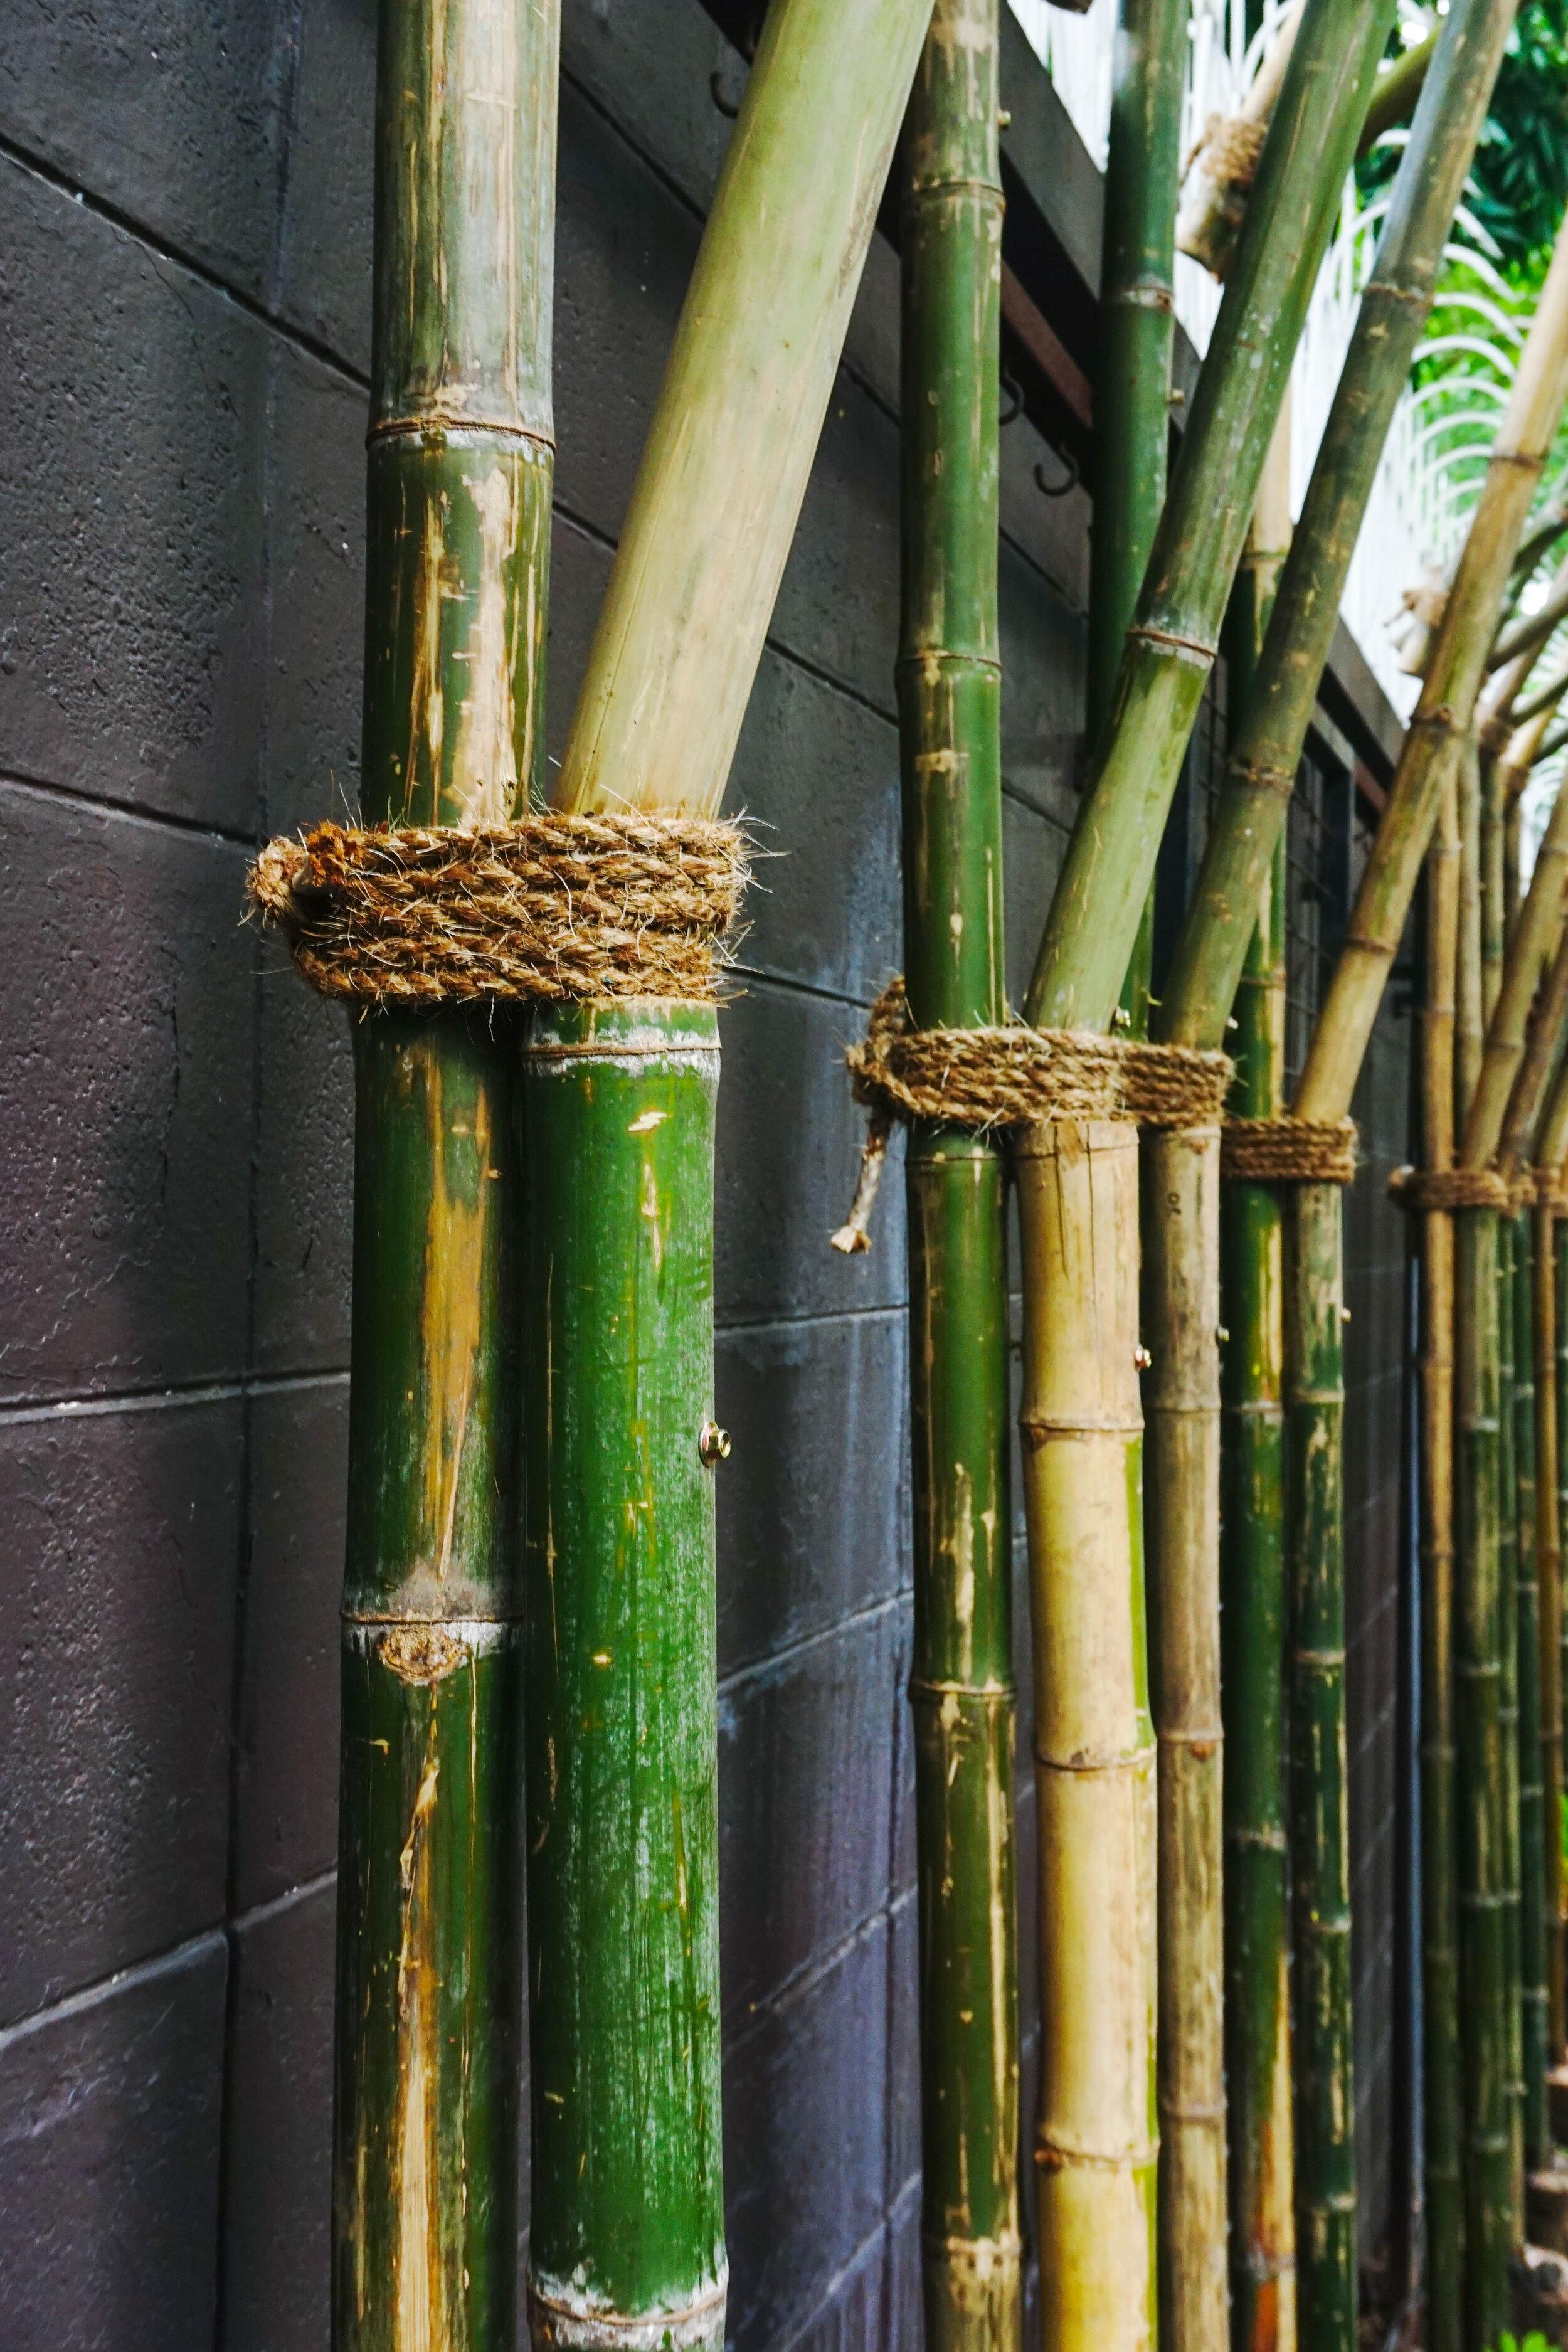 Bo.lan Edible Garden: ZONE H - The Fresh Air Tunnel built with bamboo